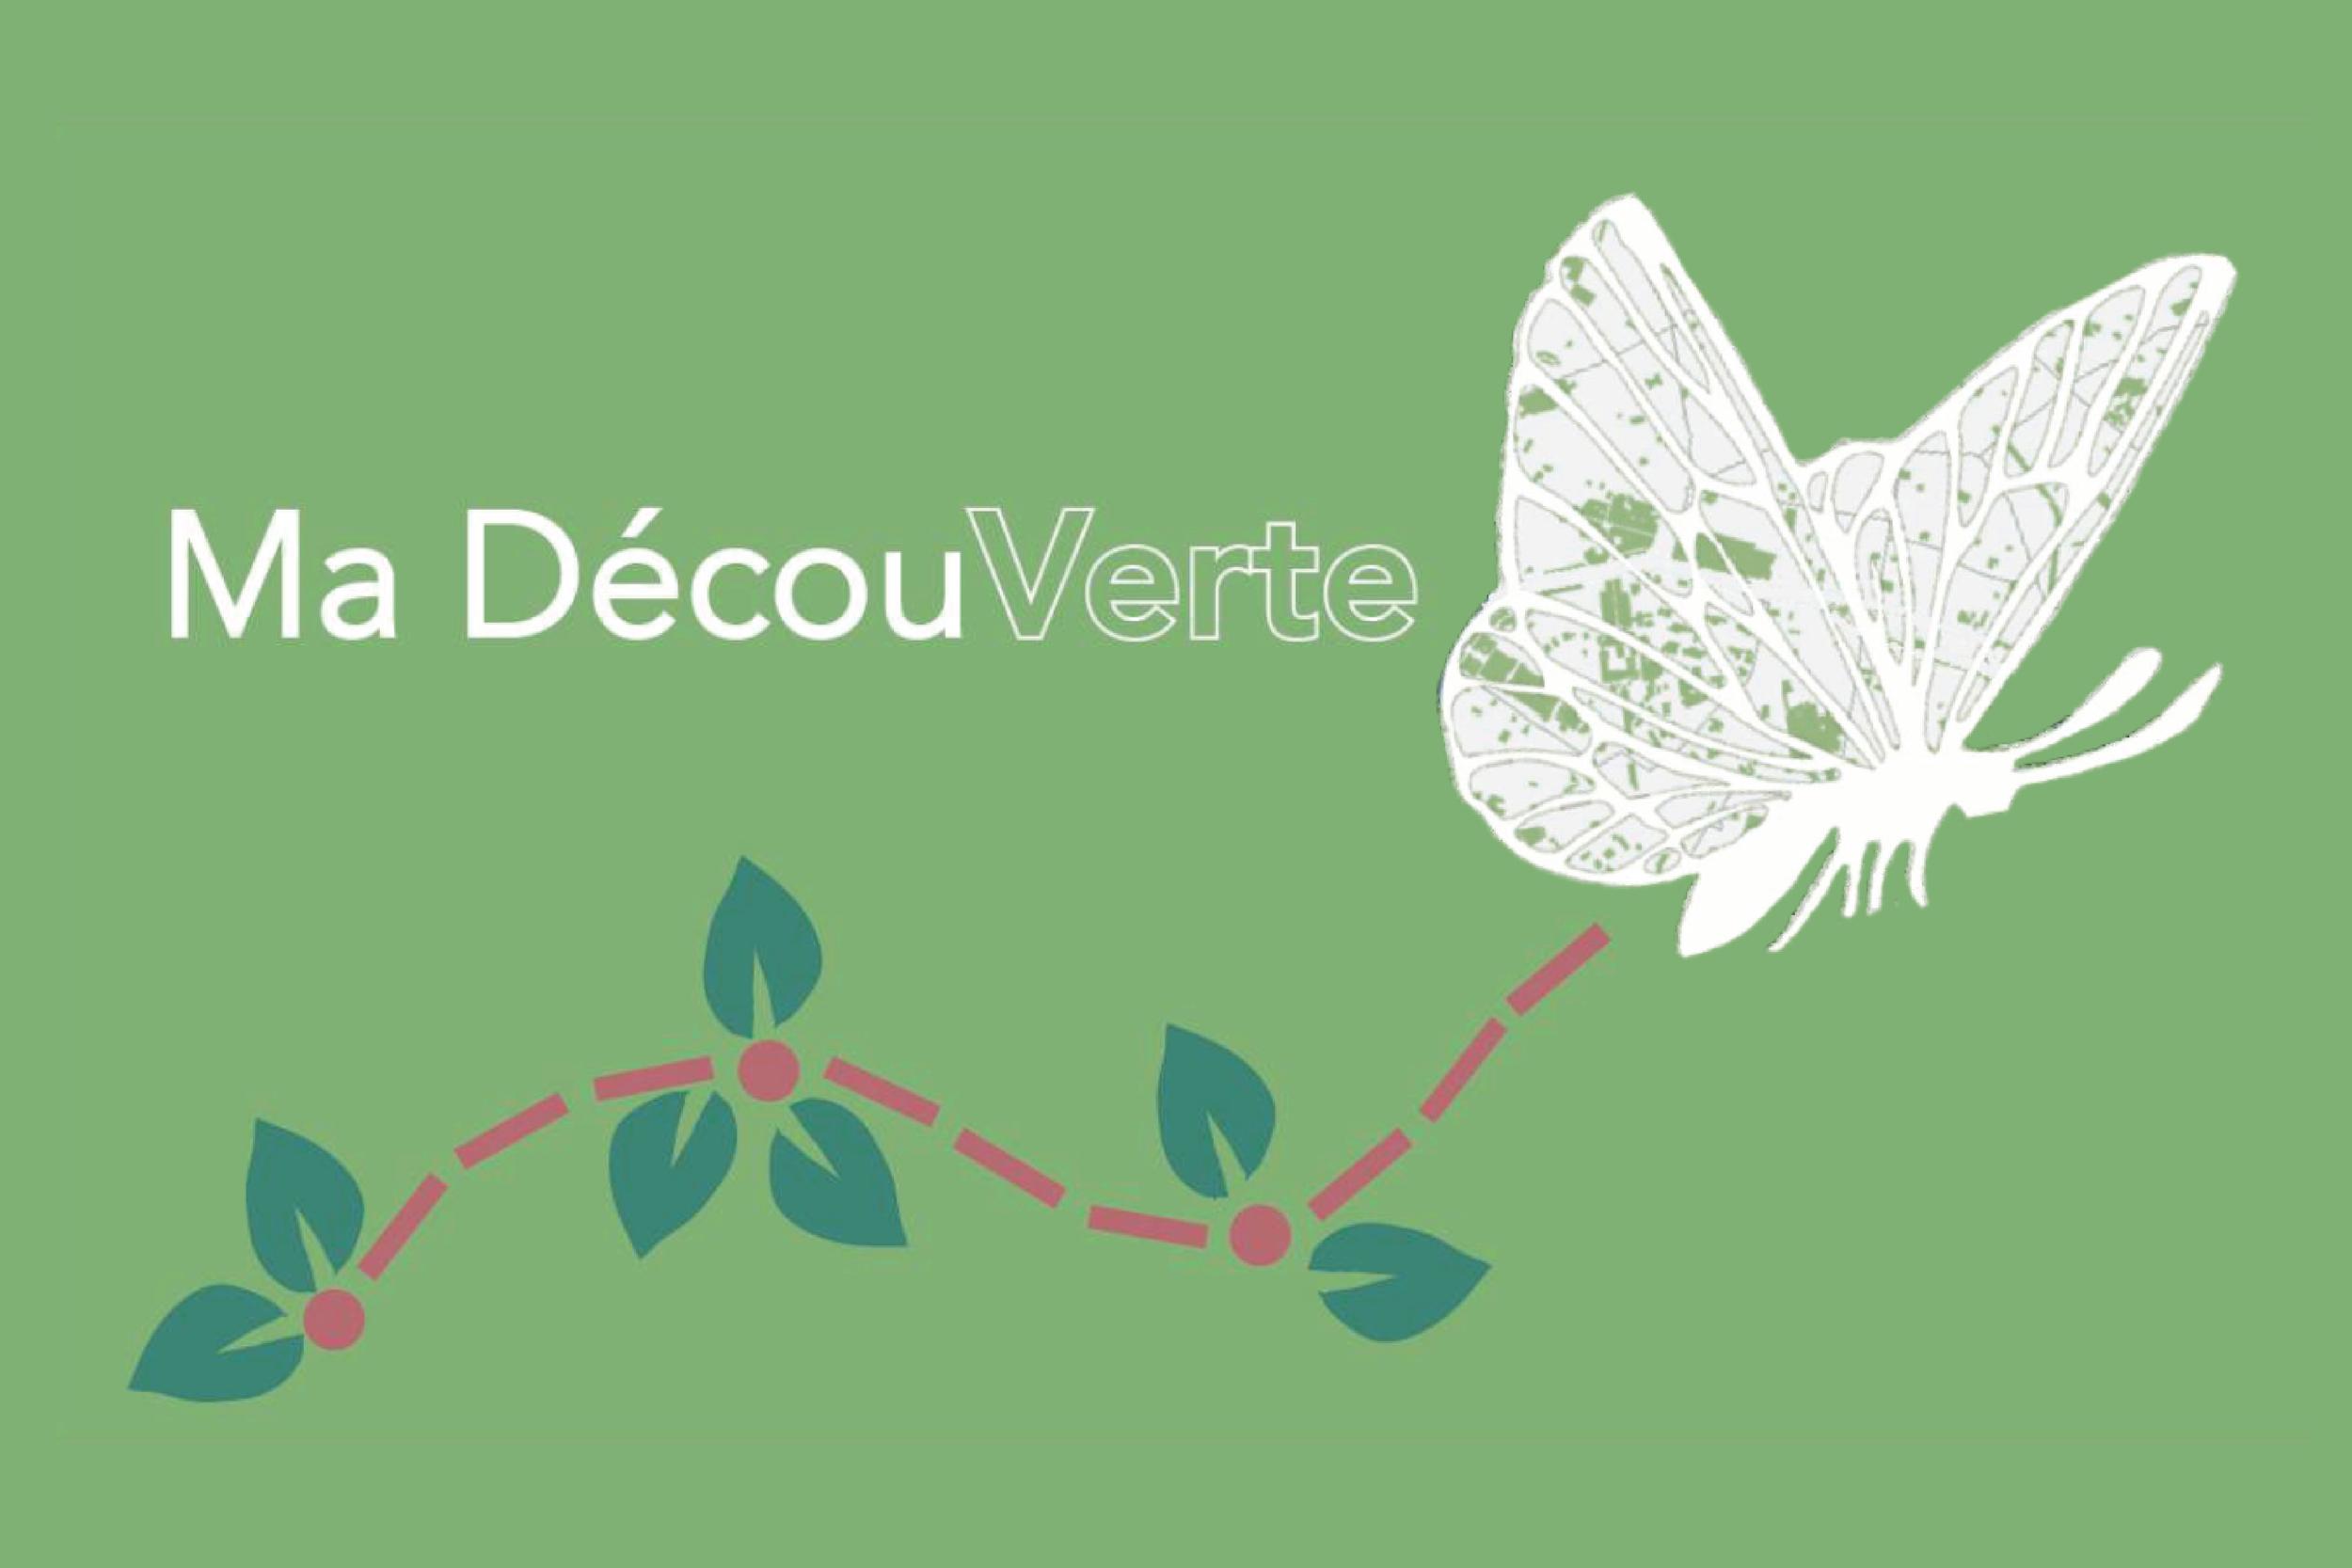 Ma Decouverte-01.png